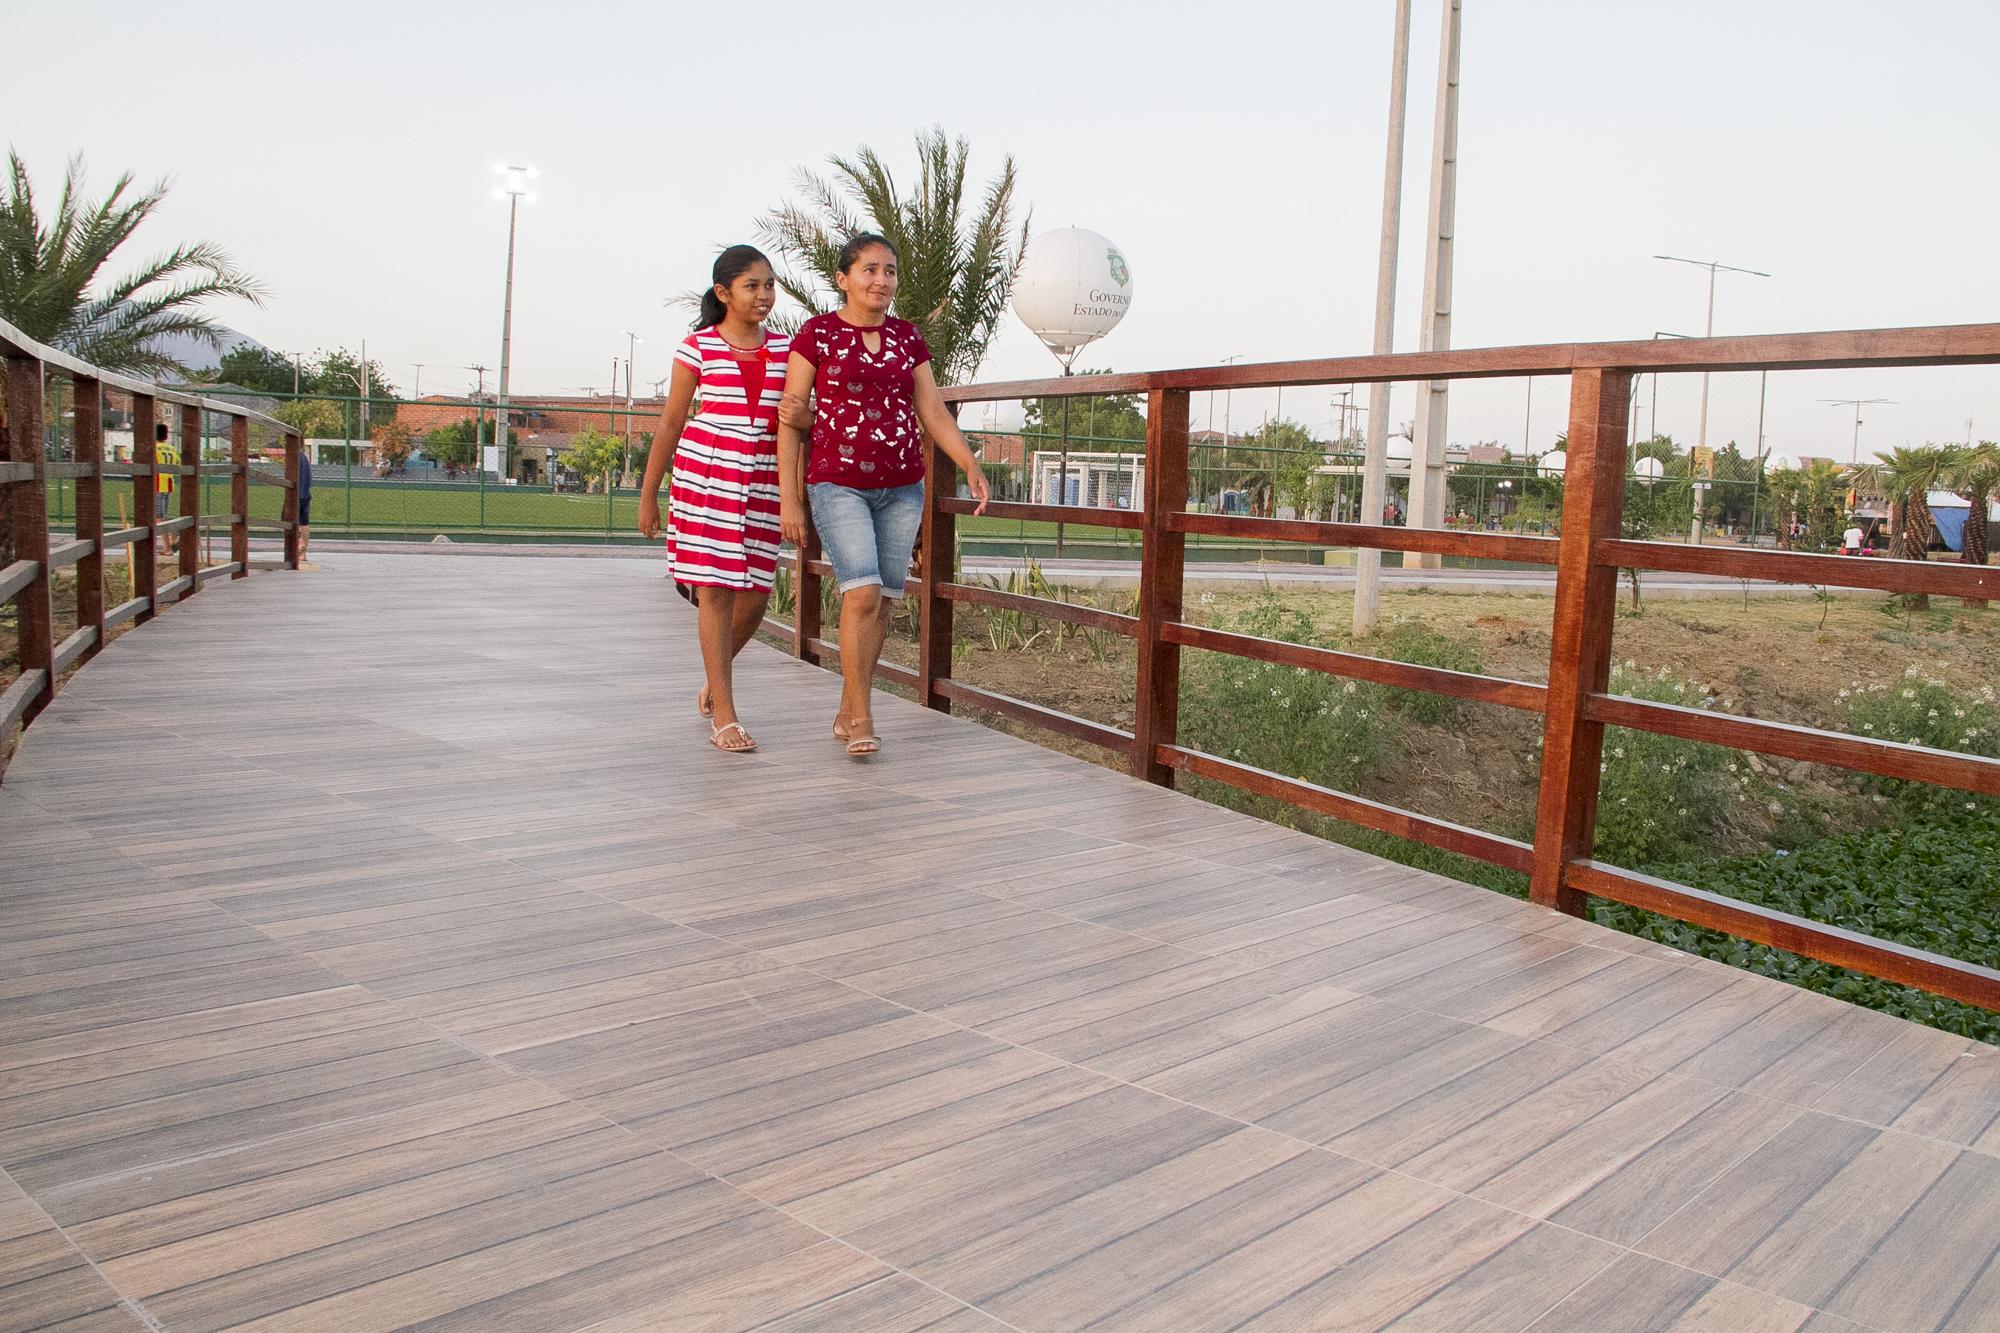 Moradores de Sobral comemoram entrega do Parque Pajeú totalmente urbanizado - Ceará